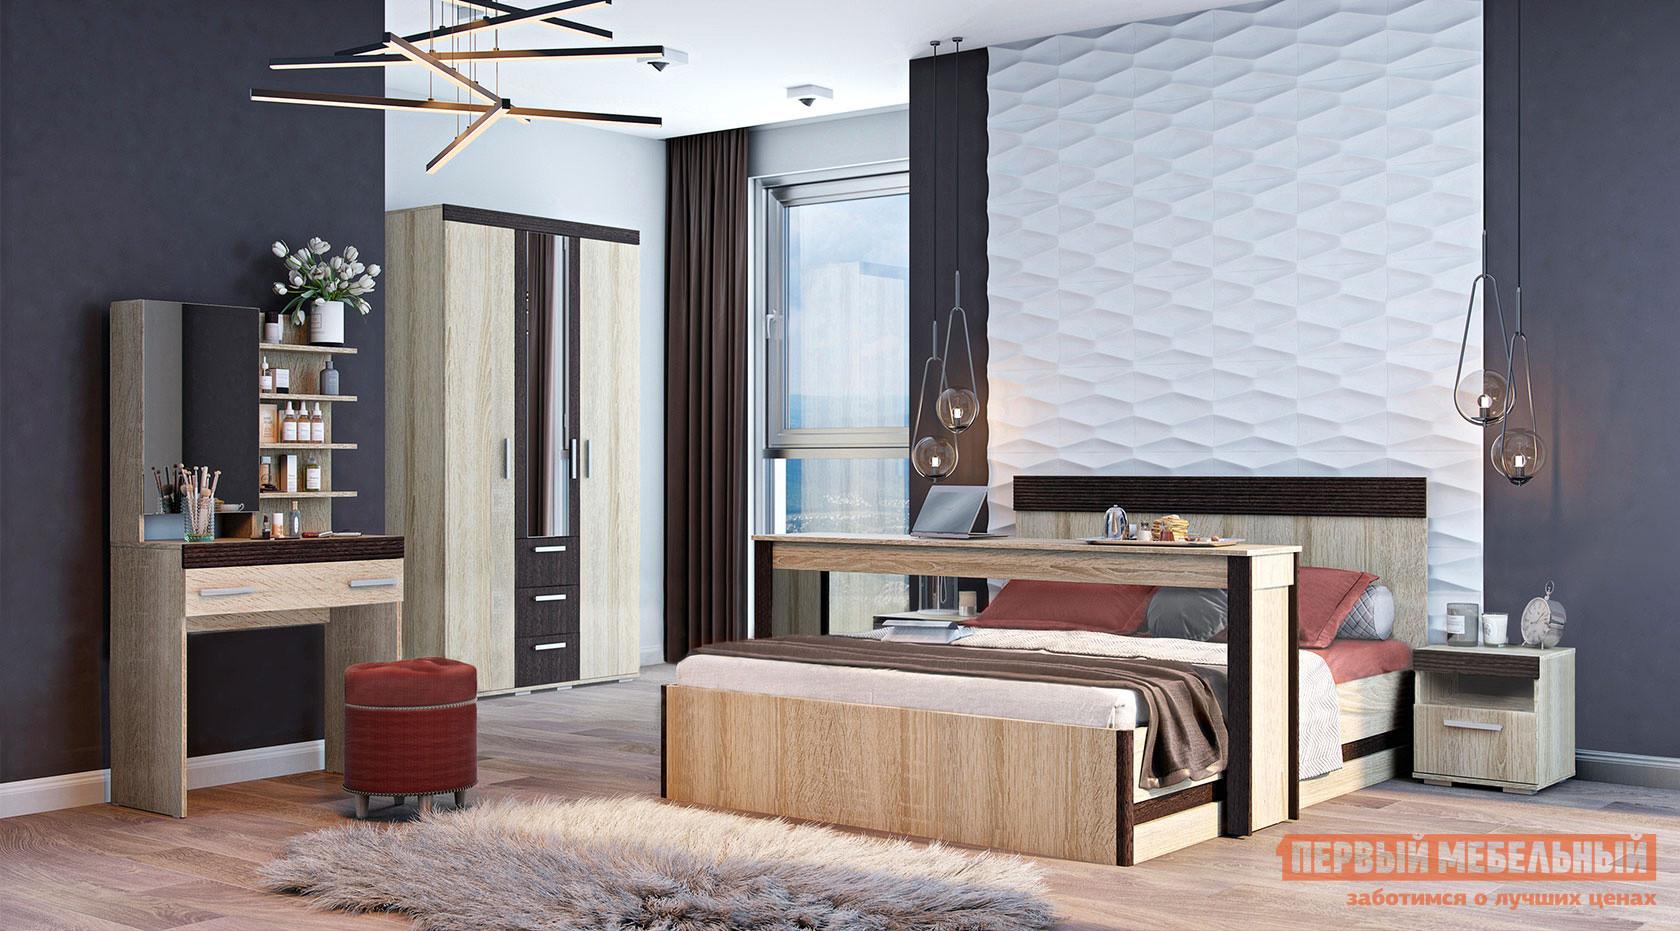 Спальный гарнитур Первый Мебельный Бланес К1